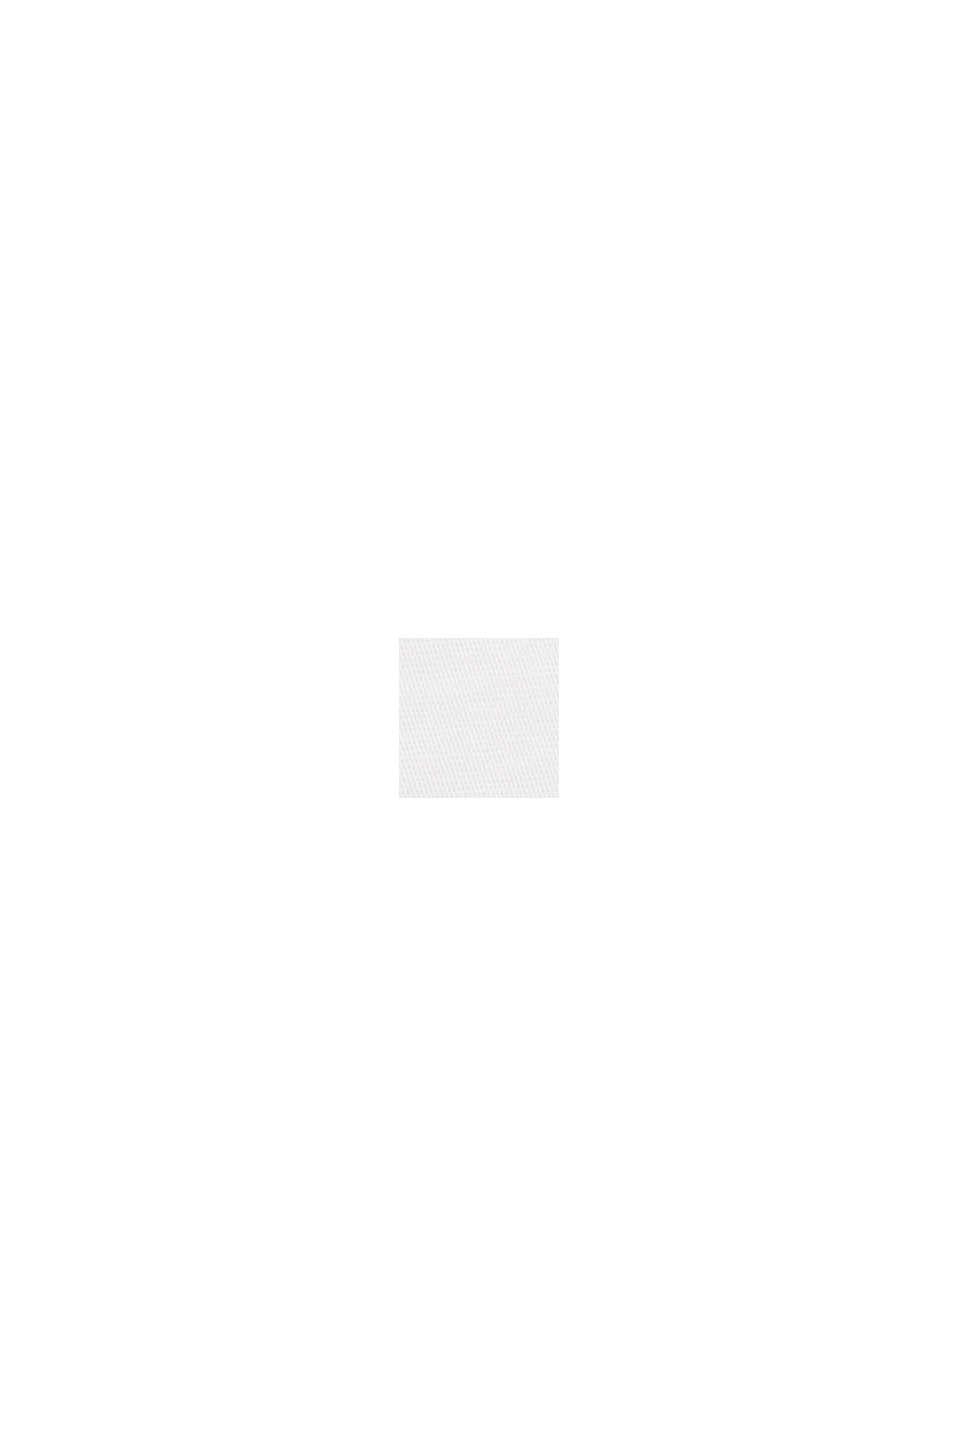 Sweatshirt mit Piqué-Struktur, OFF WHITE, swatch